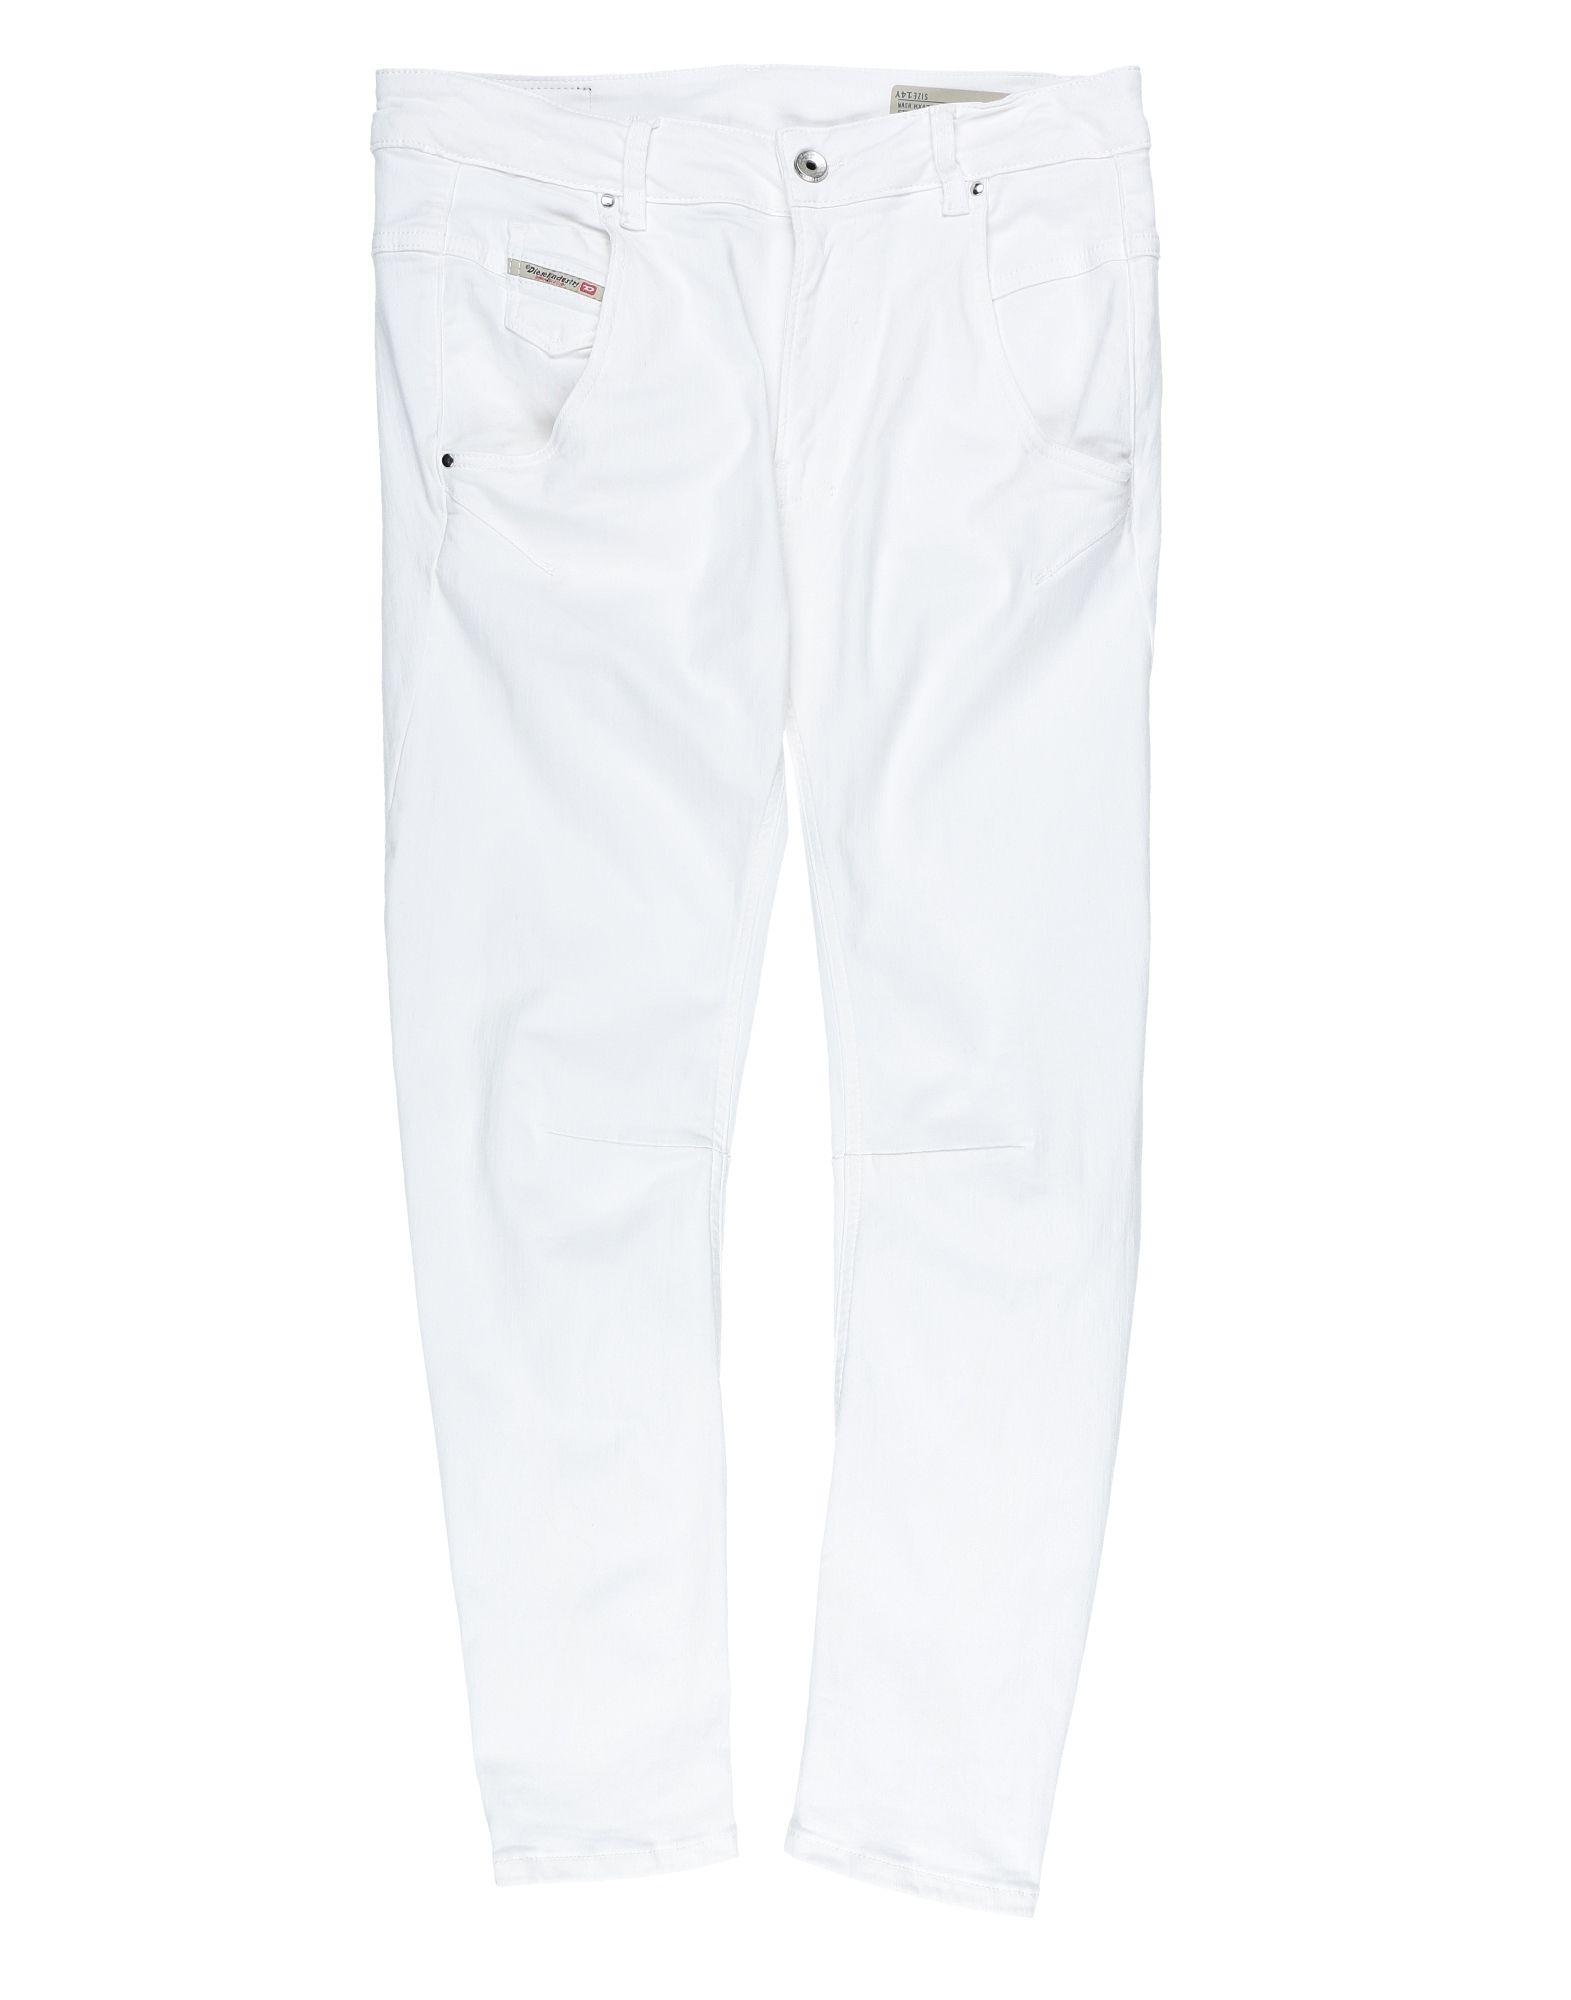 DIESEL Mädchen 9-16 jahre Jeanshose Farbe Weiß Größe 7 jetztbilligerkaufen